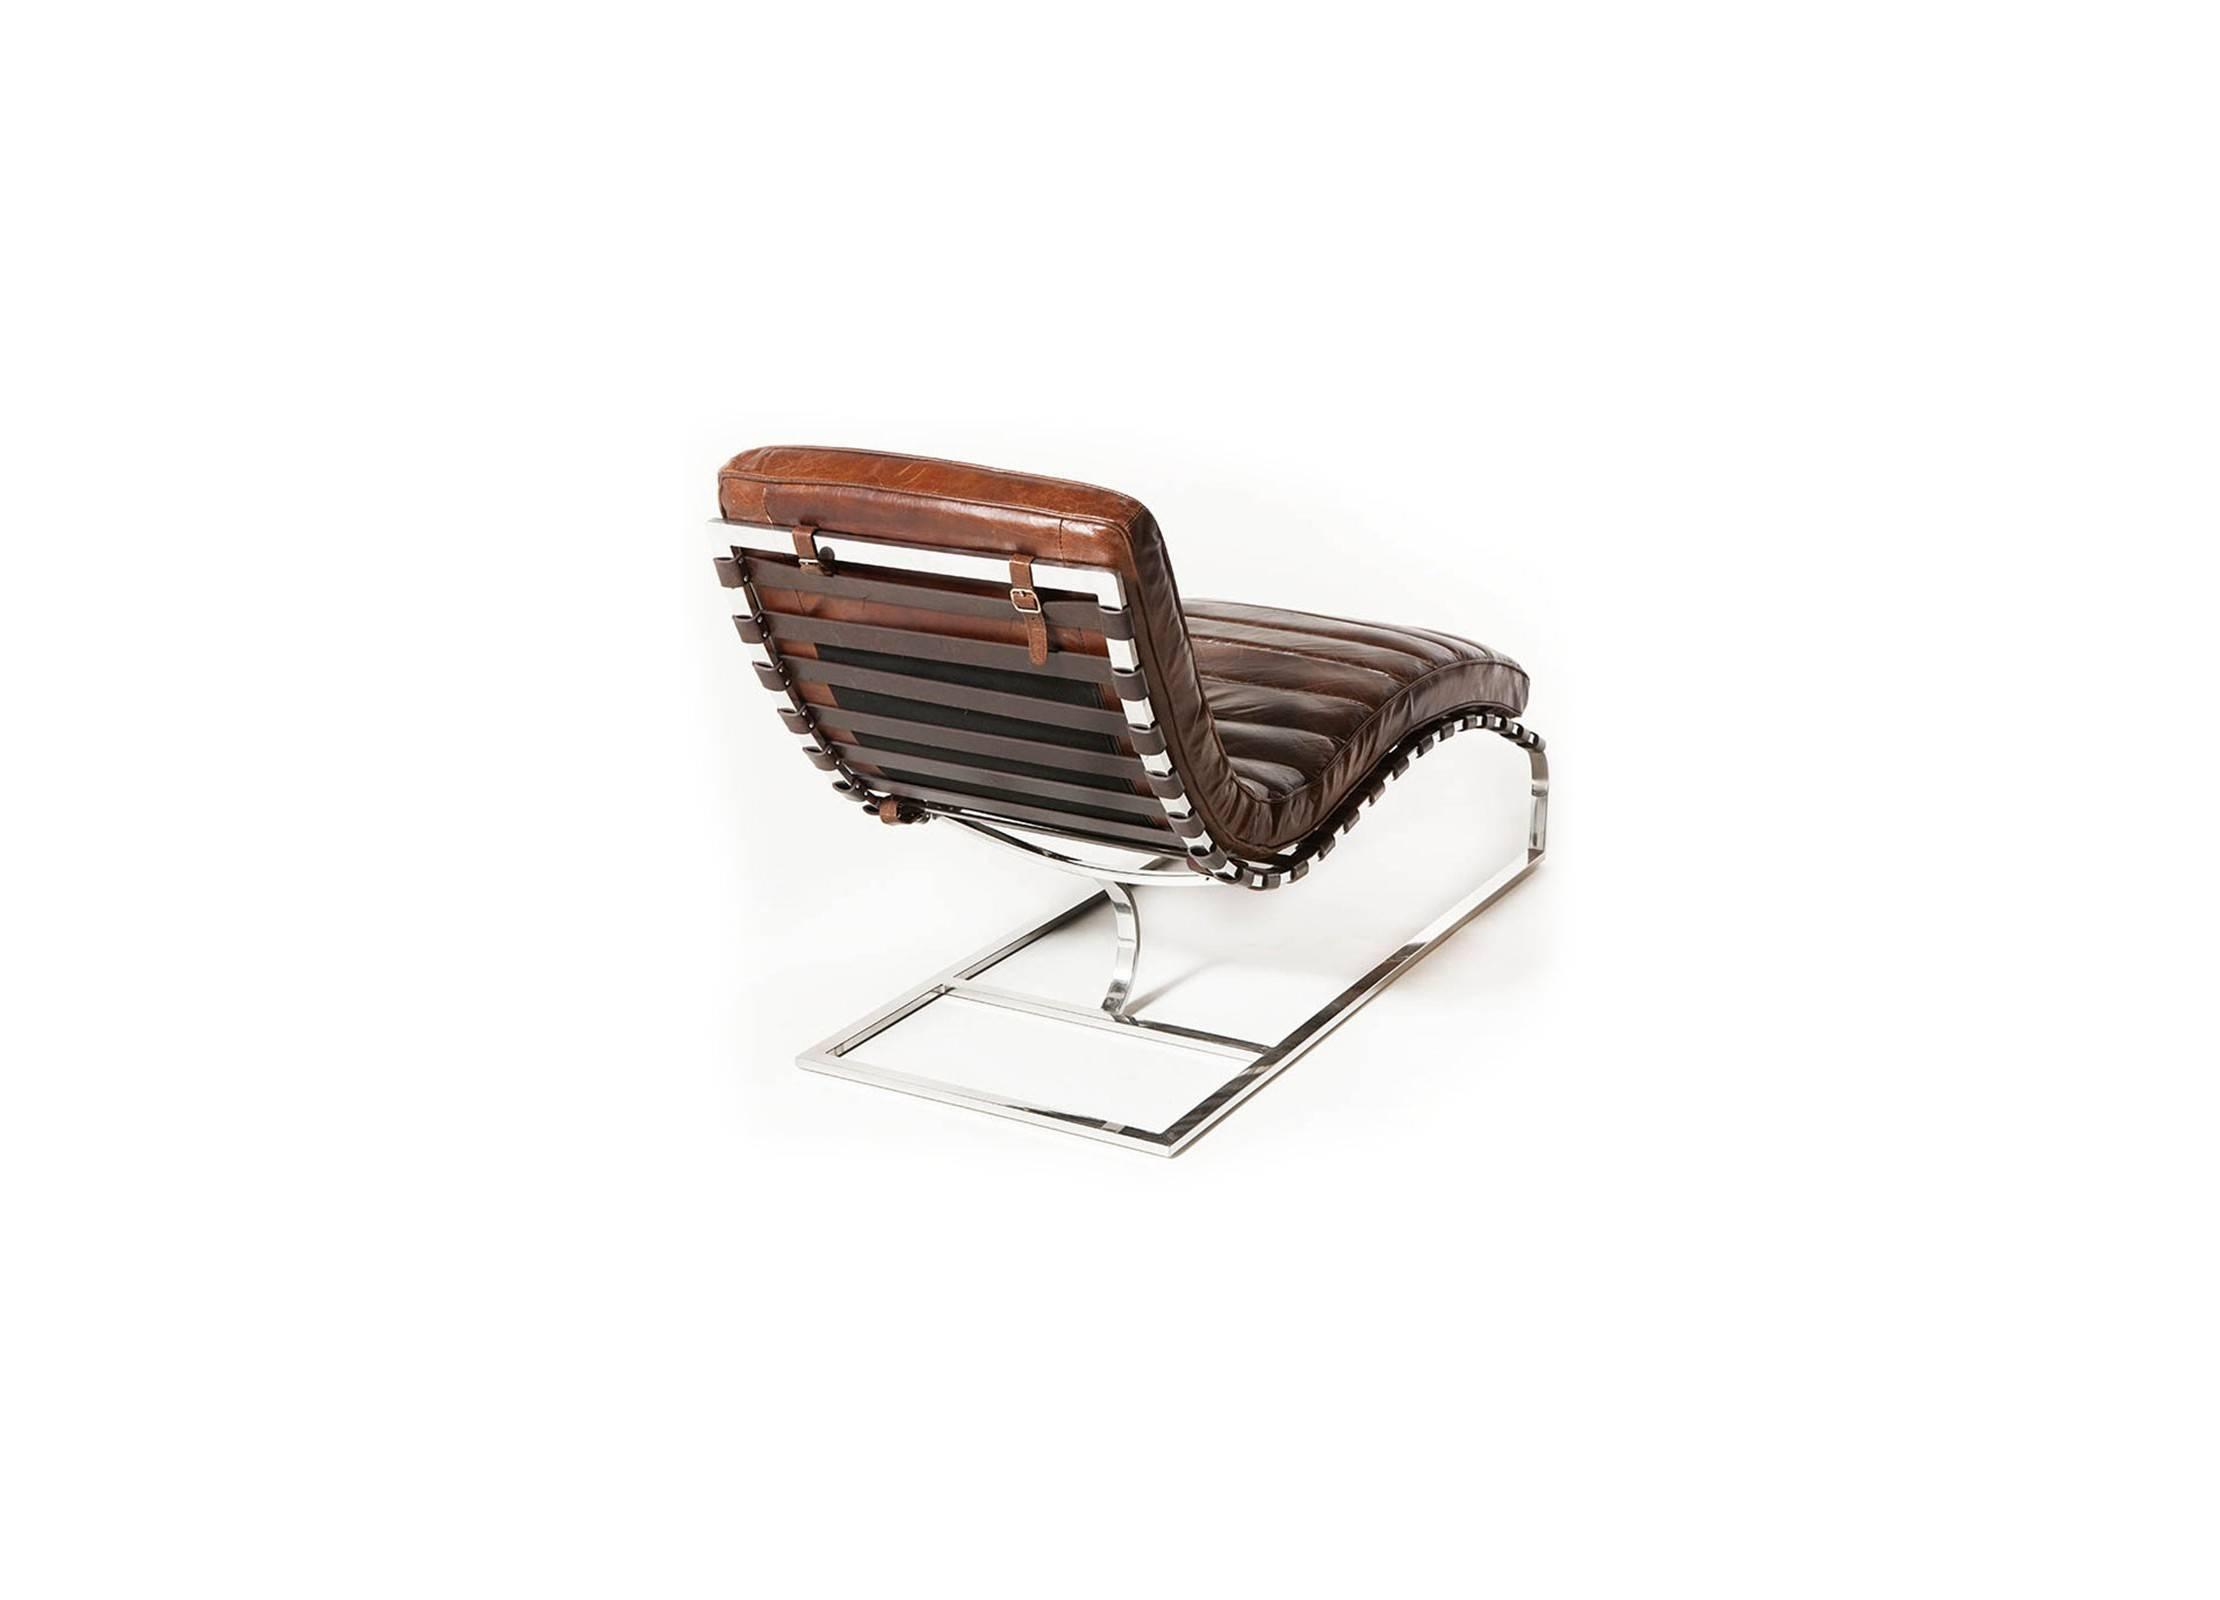 chaise longue m ridienne lounge cuir marron cigare cuir de vachette pleine fleur structure. Black Bedroom Furniture Sets. Home Design Ideas